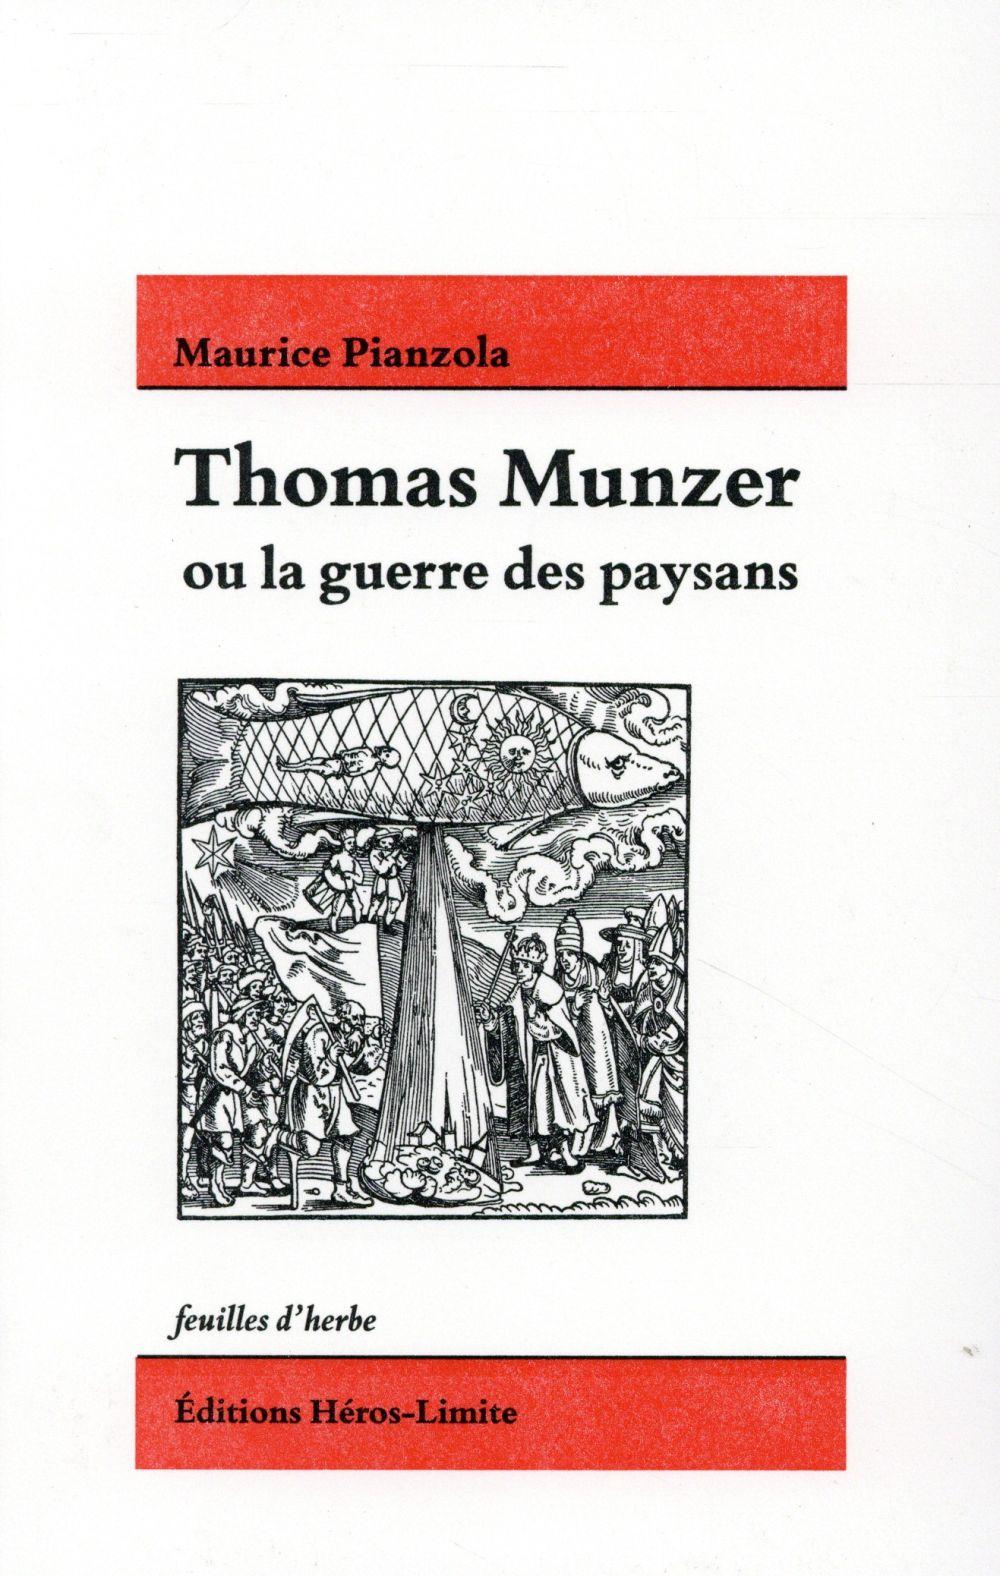 THOMAS MUNZER OU LA GUERRE DES PAYSANS